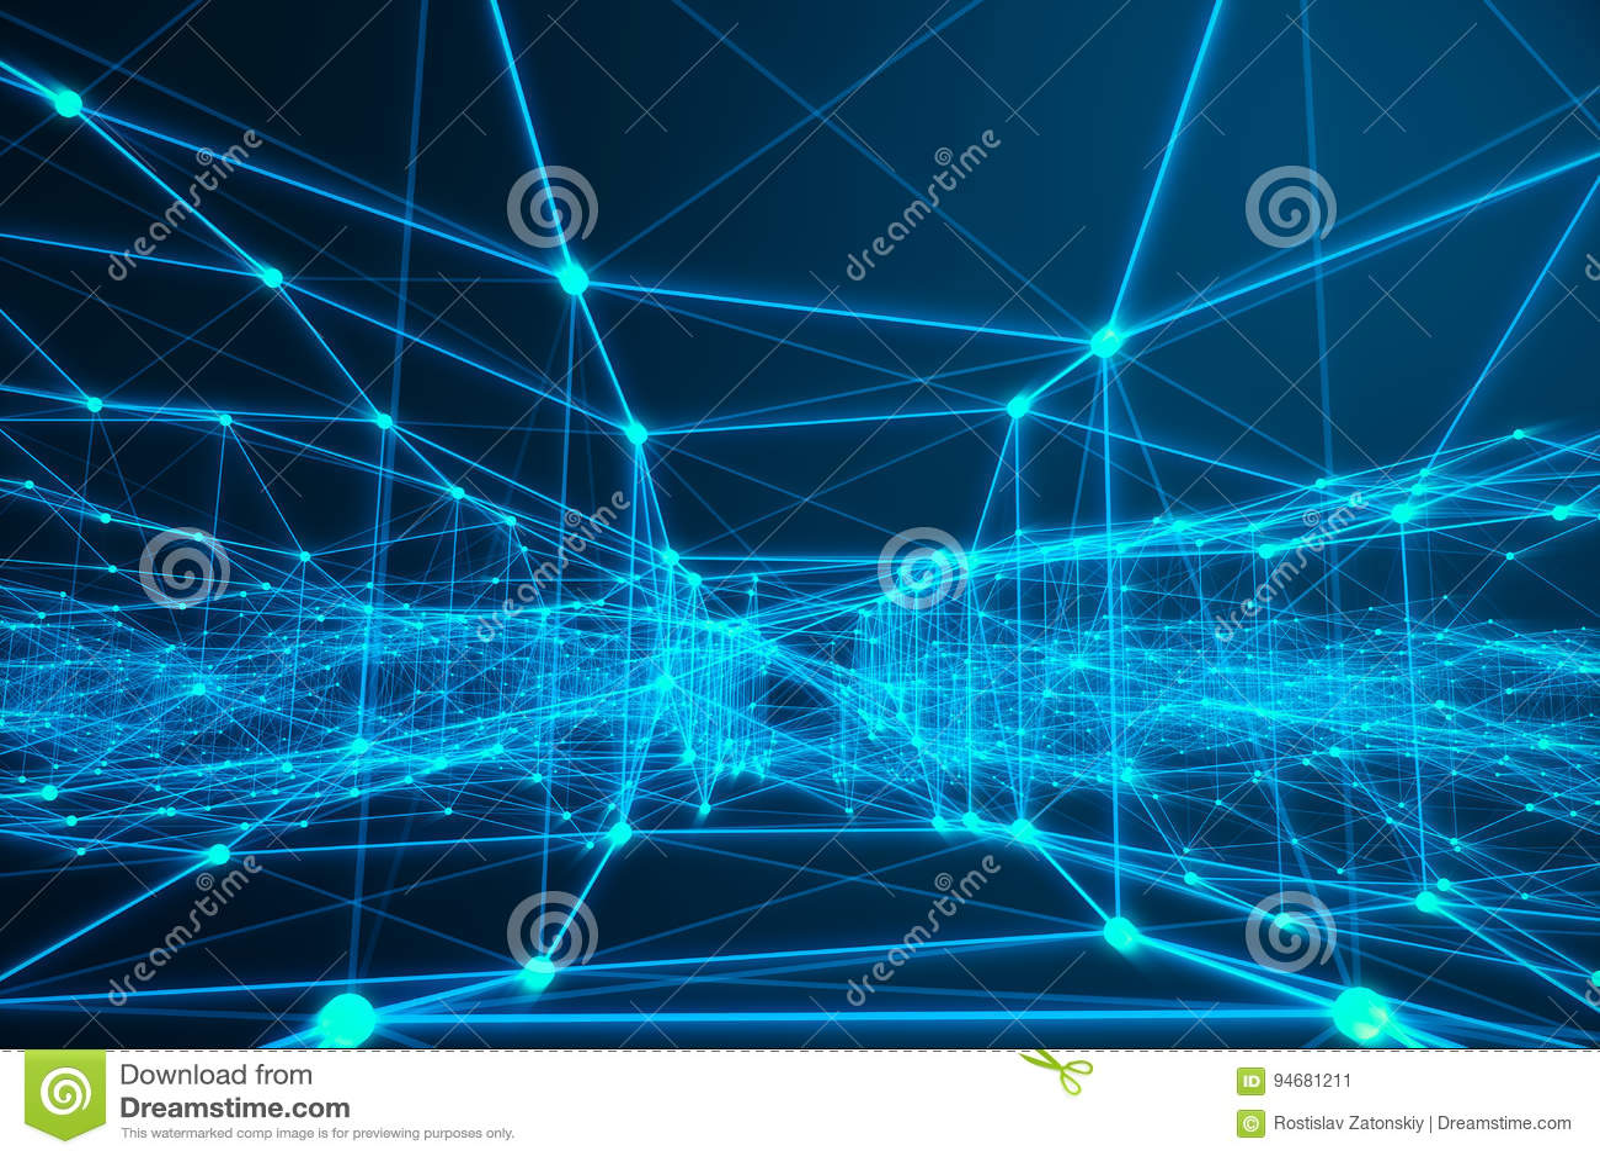 Technologische verbindings futuristische vorm, blauw puntnetwerk, abstracte achtergrond, blauwe achtergrond, Concept Netwerk